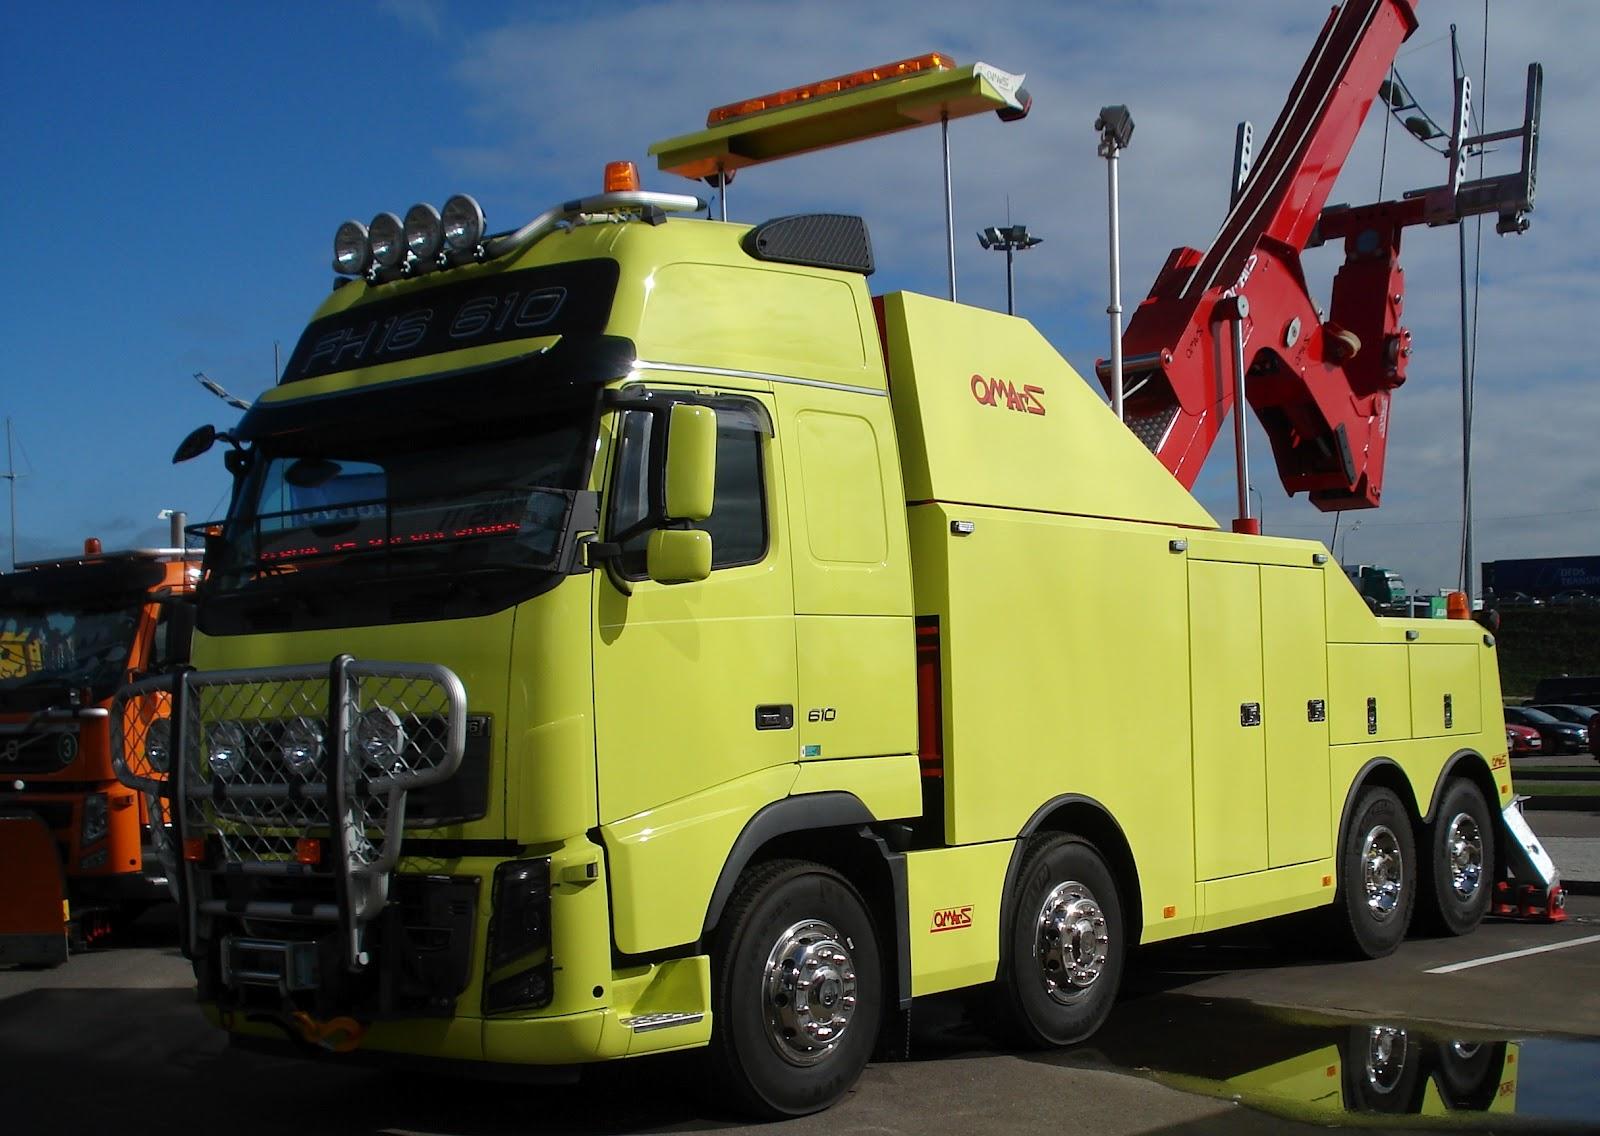 шпильке эвакуаторы грузовиков фото в россии ждут своей